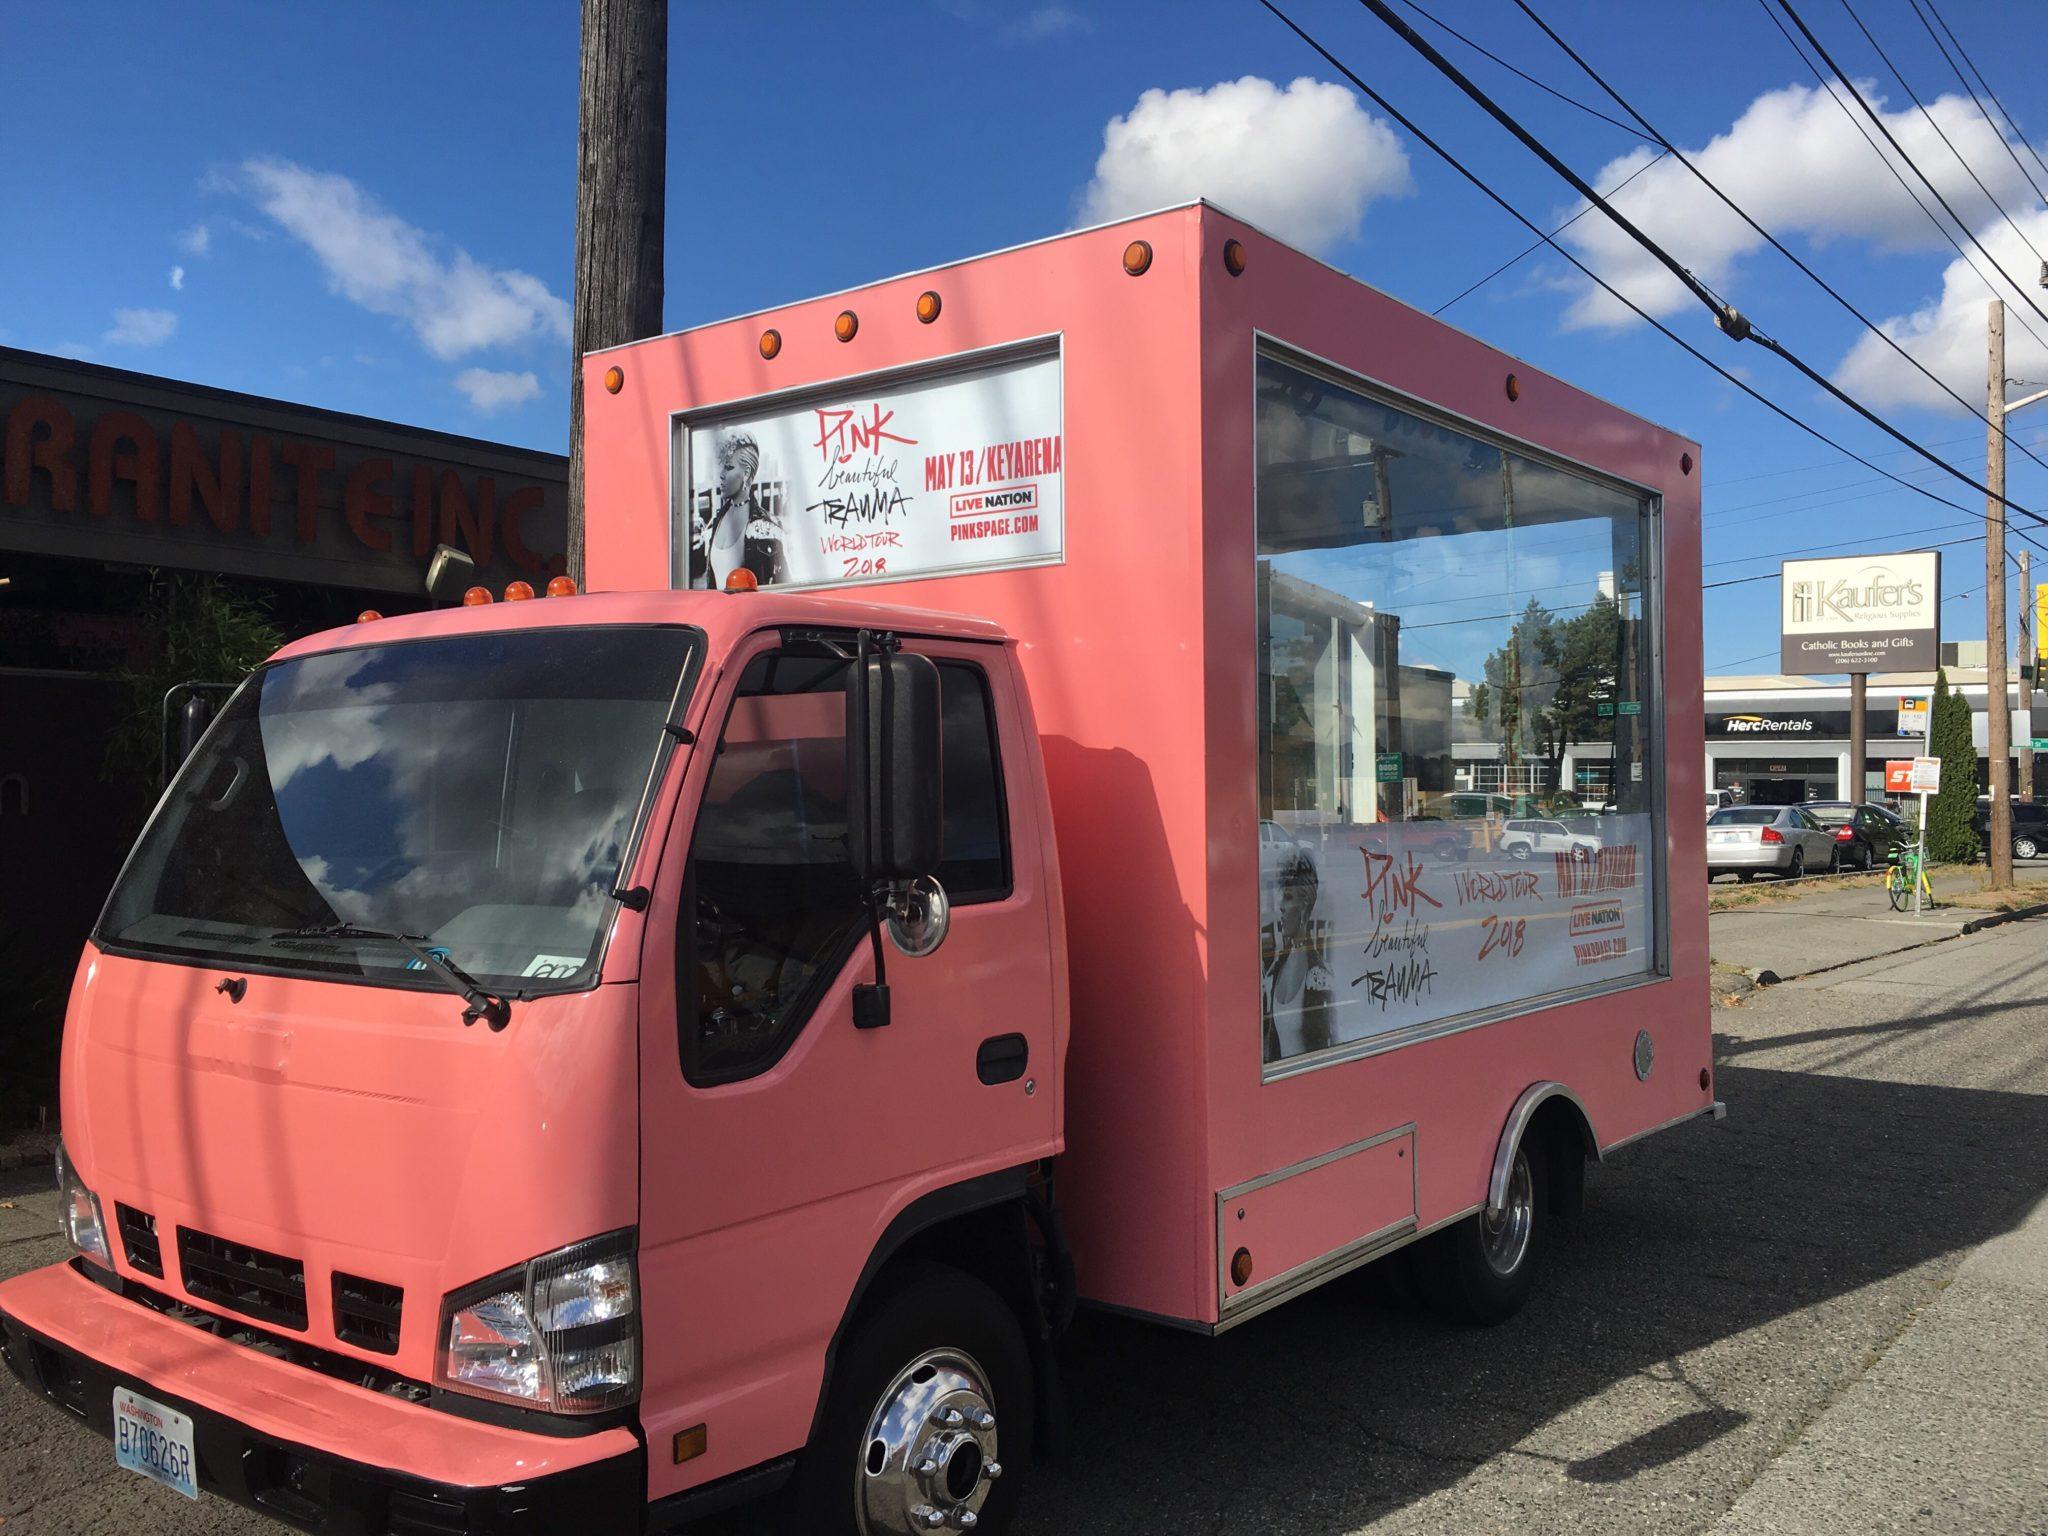 iAM, i Alternative Media - 3D display/mobile billboard trucks